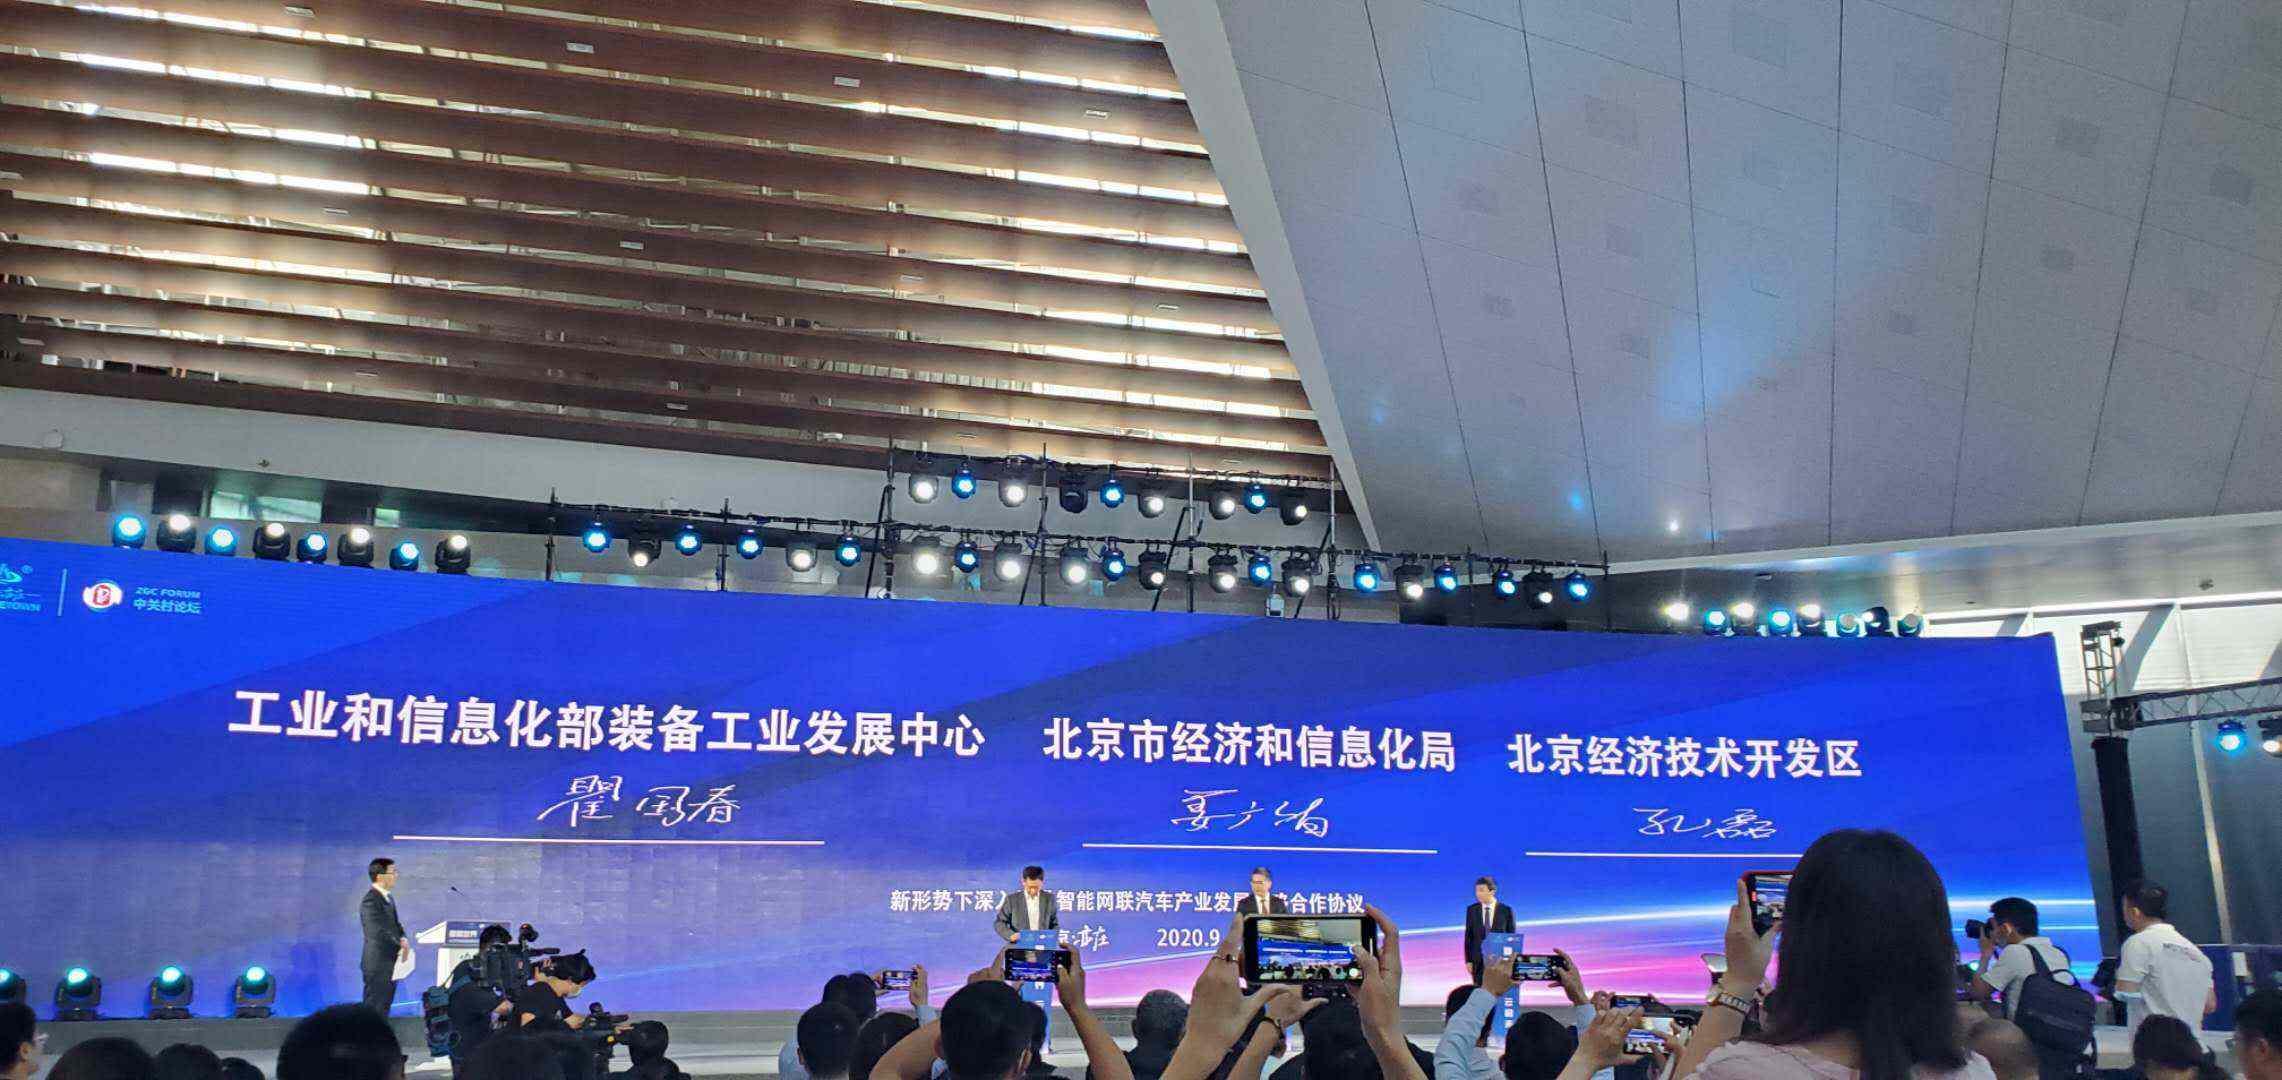 高级别自动驾驶示范区将于北京亦庄落实